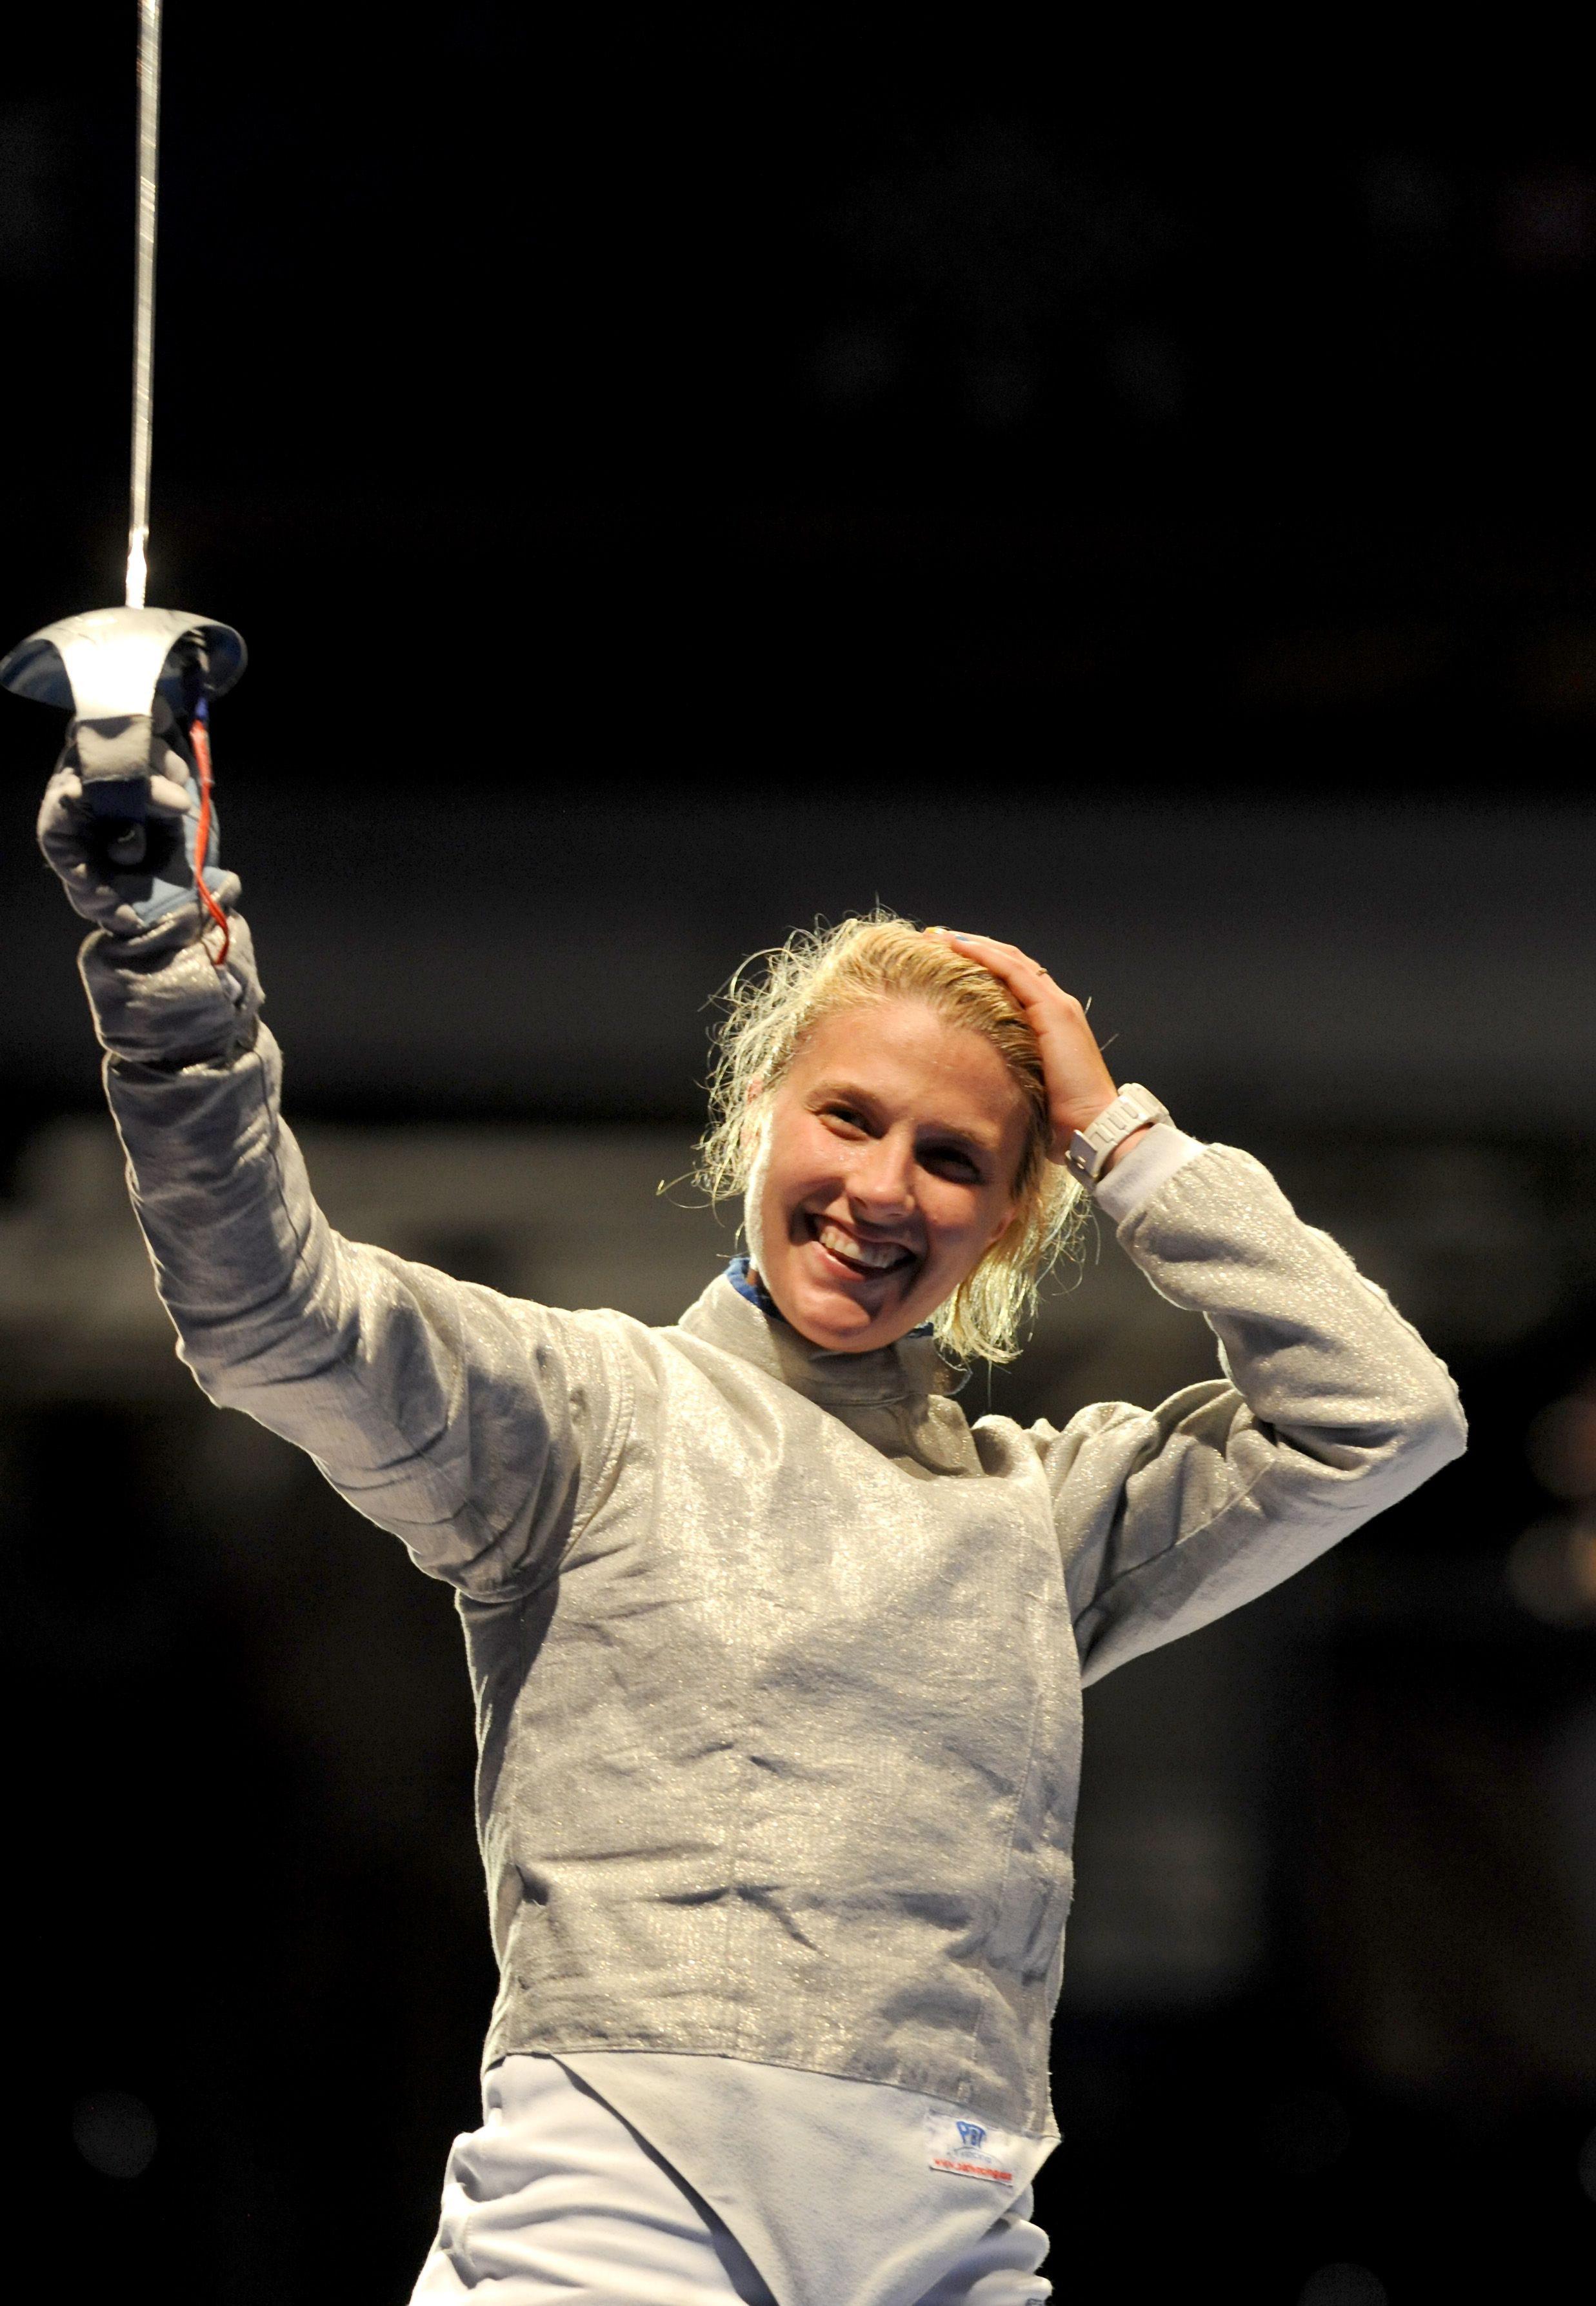 Ольга Харлан стала в 2013 году сильнейшей саблисткой мира